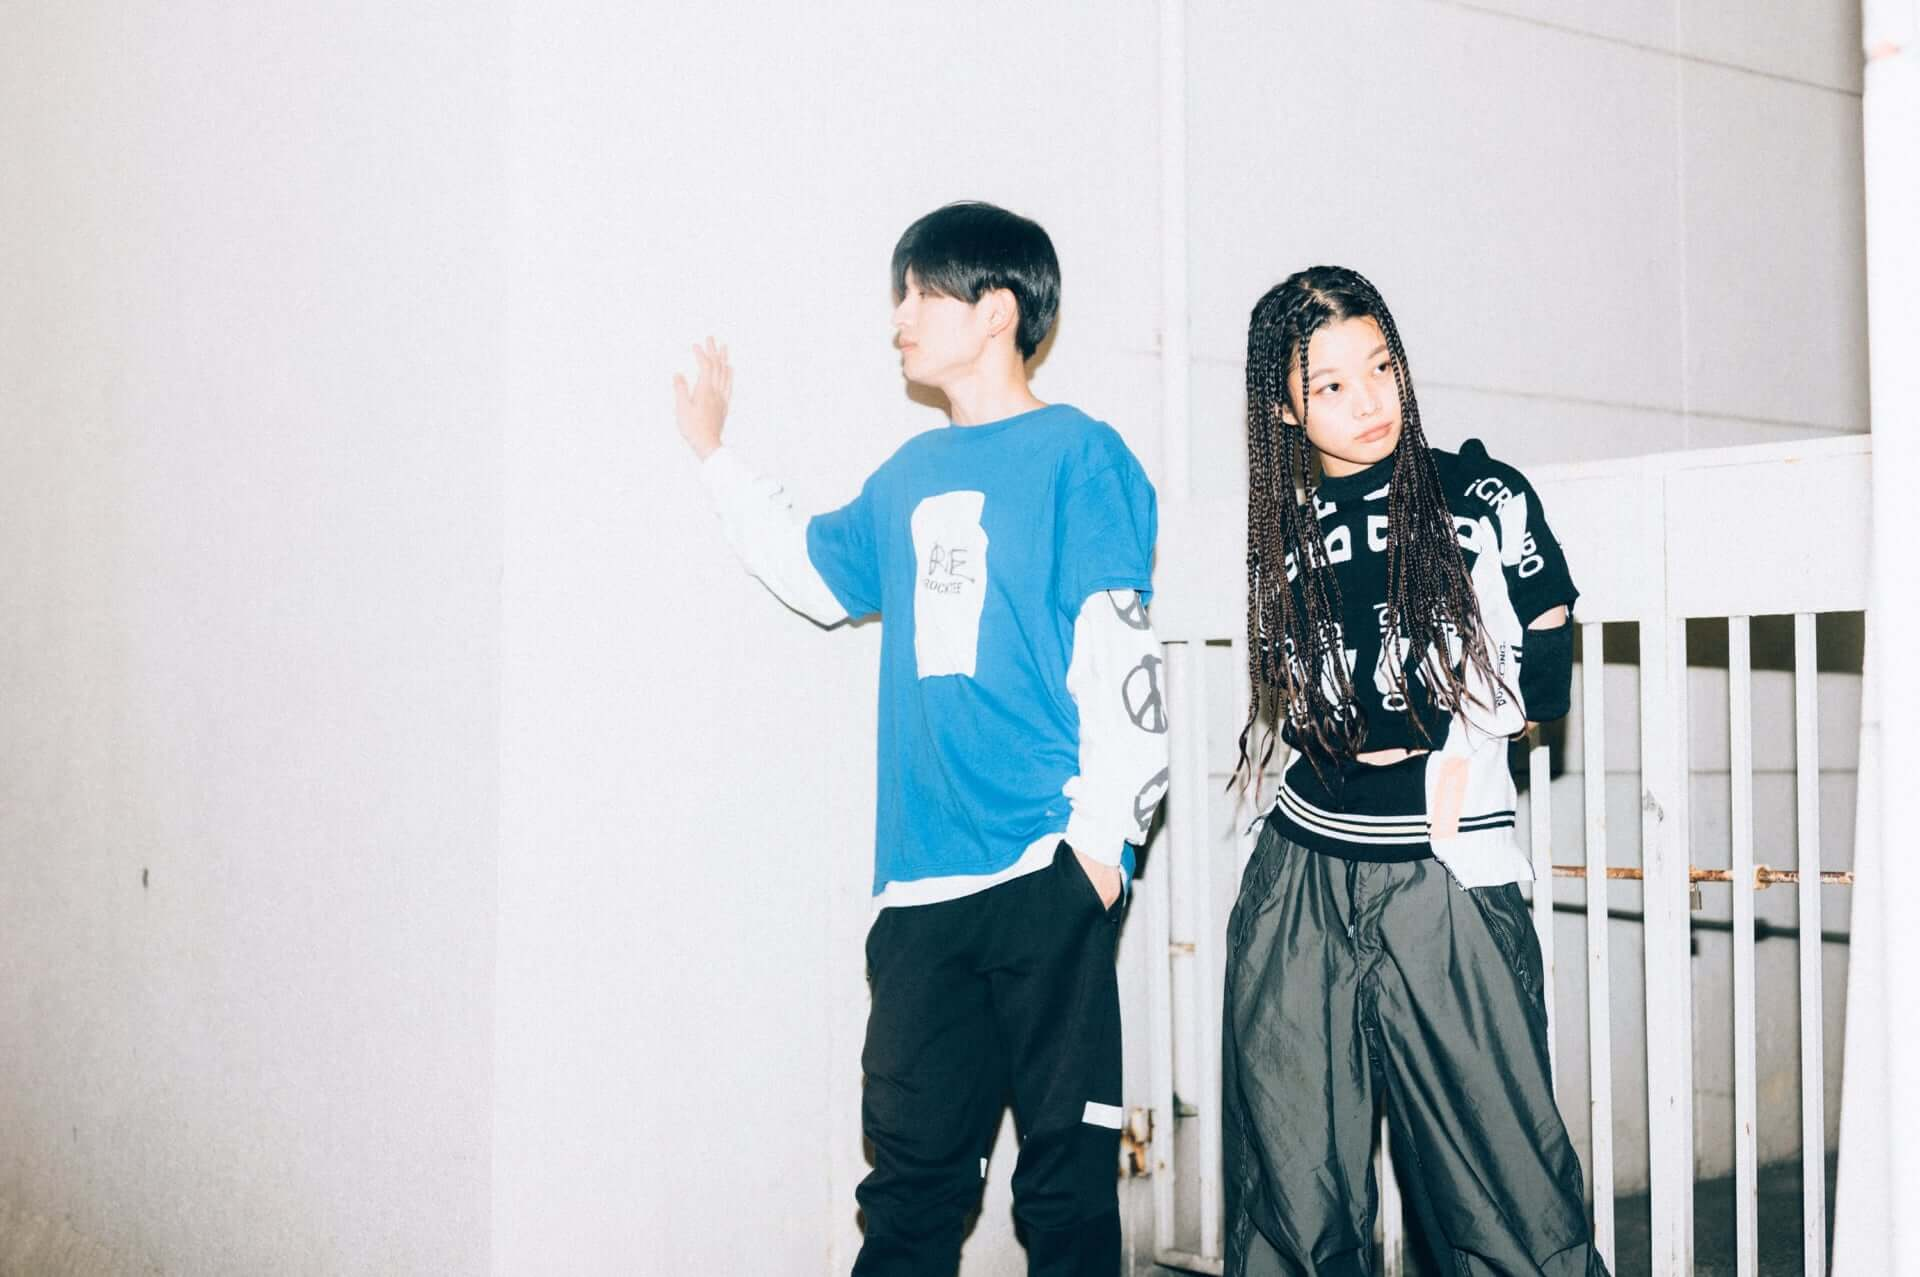 さなり × xiangyu 対談|音楽で人生を変えた2人が『ガリーボーイ』から受け取ったもの interview1024_xiangyu_sanari-27-1920x1277